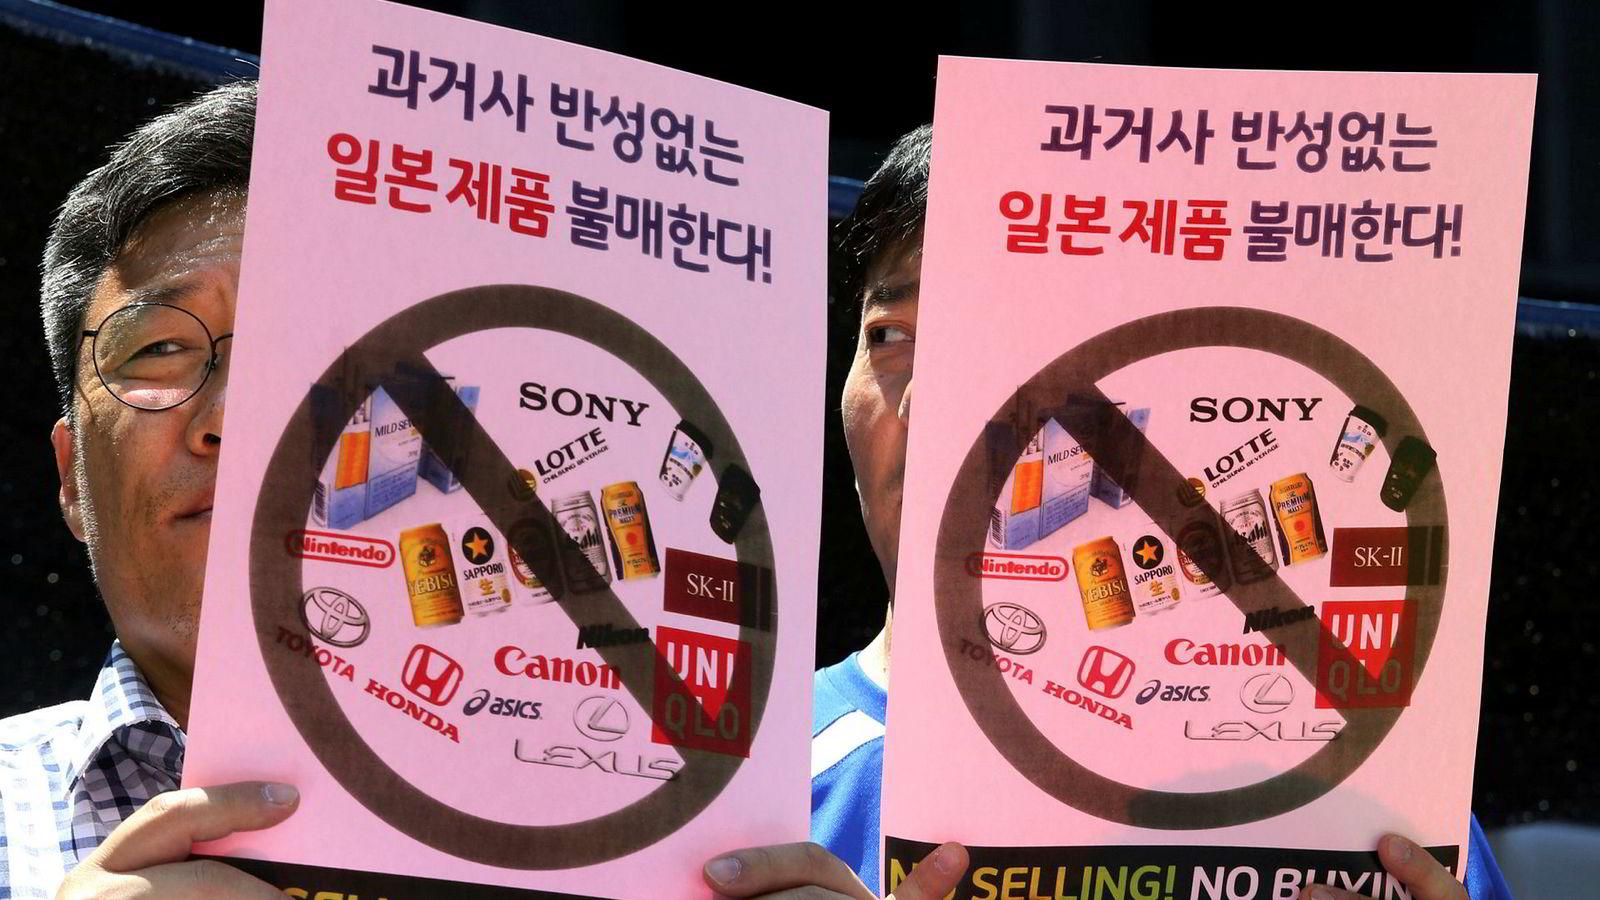 Japan har innført eksportrestriksjoner mot Sør-Korea. Sørkoreanske forbrukere og næringsliv har svart med demonstrasjoner og oppfordring til boikott av amerikanske produkter, blant annet i Seoul på mandag. Konflikten  kan ramme en allerede svært sårbar verdensøkonomi.